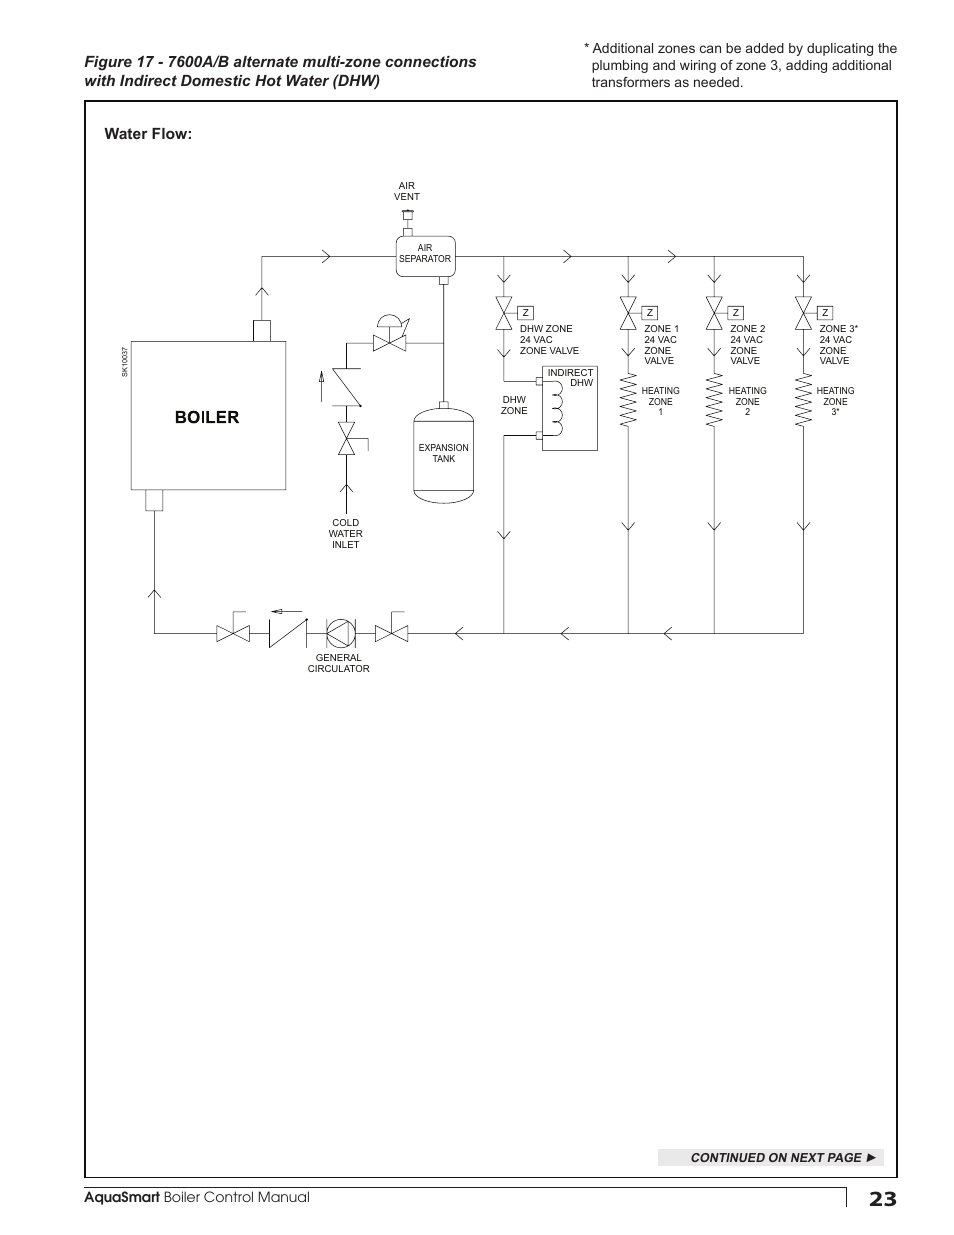 aquasmart boiler control manual   beckett 7600 aquasmart boiler control  user manual   page 23 / 36